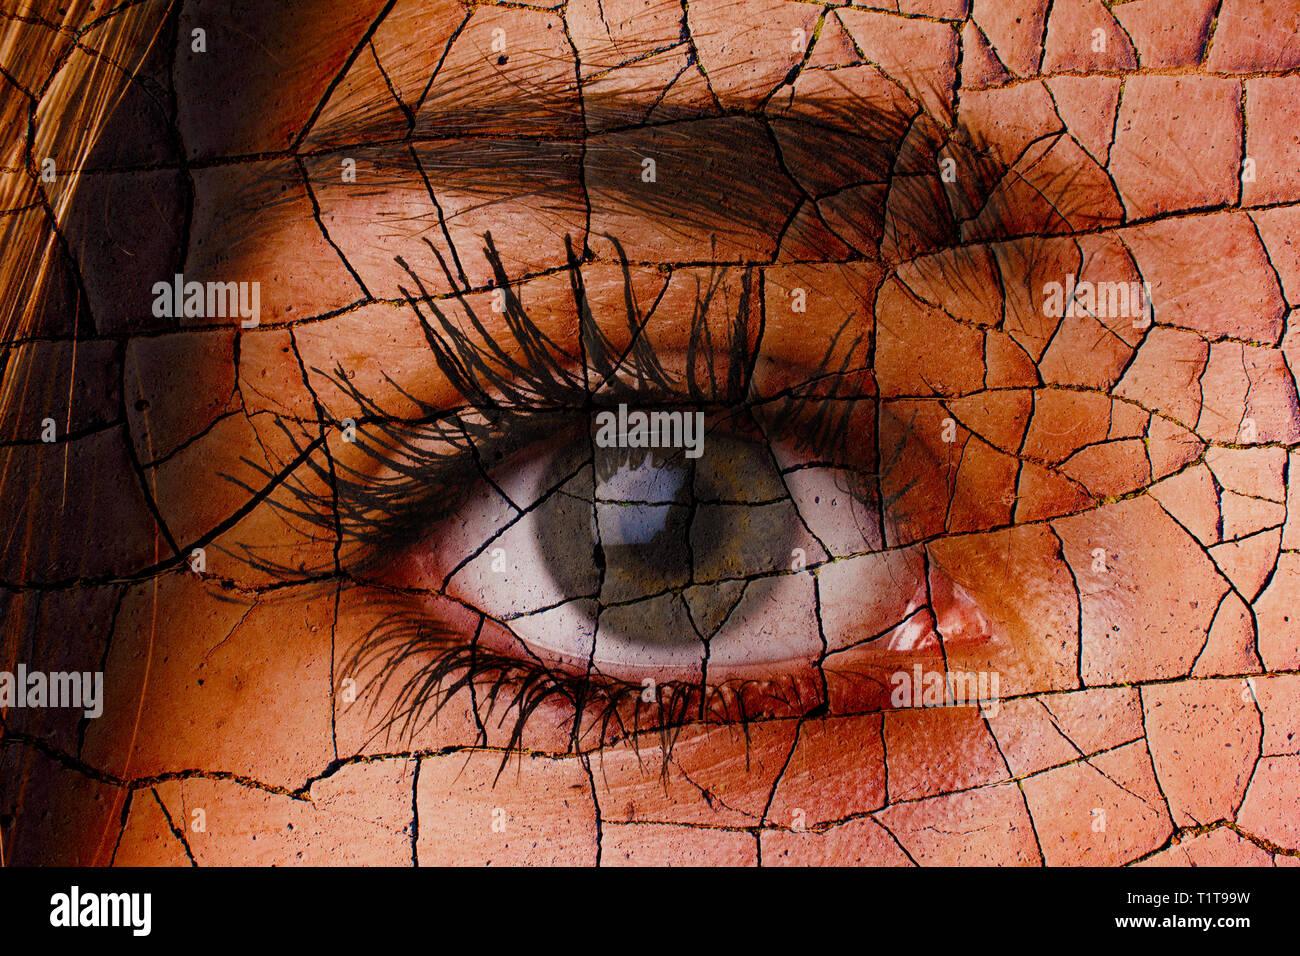 Auge mit gecrackten Wirkung, altern Konzept Stockbild